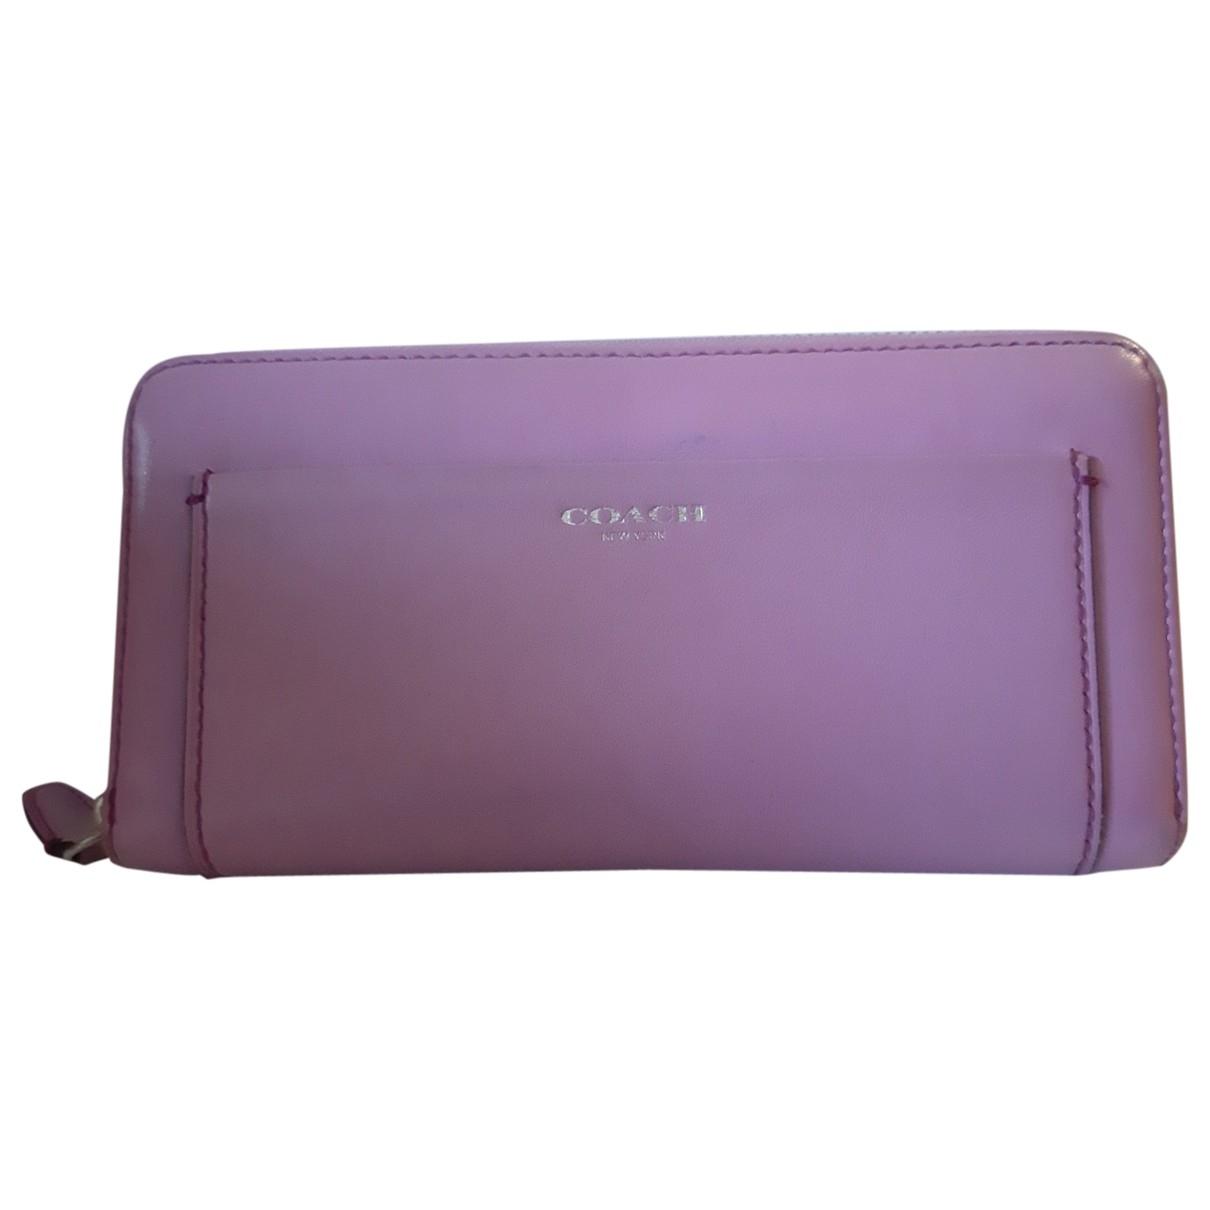 Coach - Portefeuille   pour femme en cuir - violet